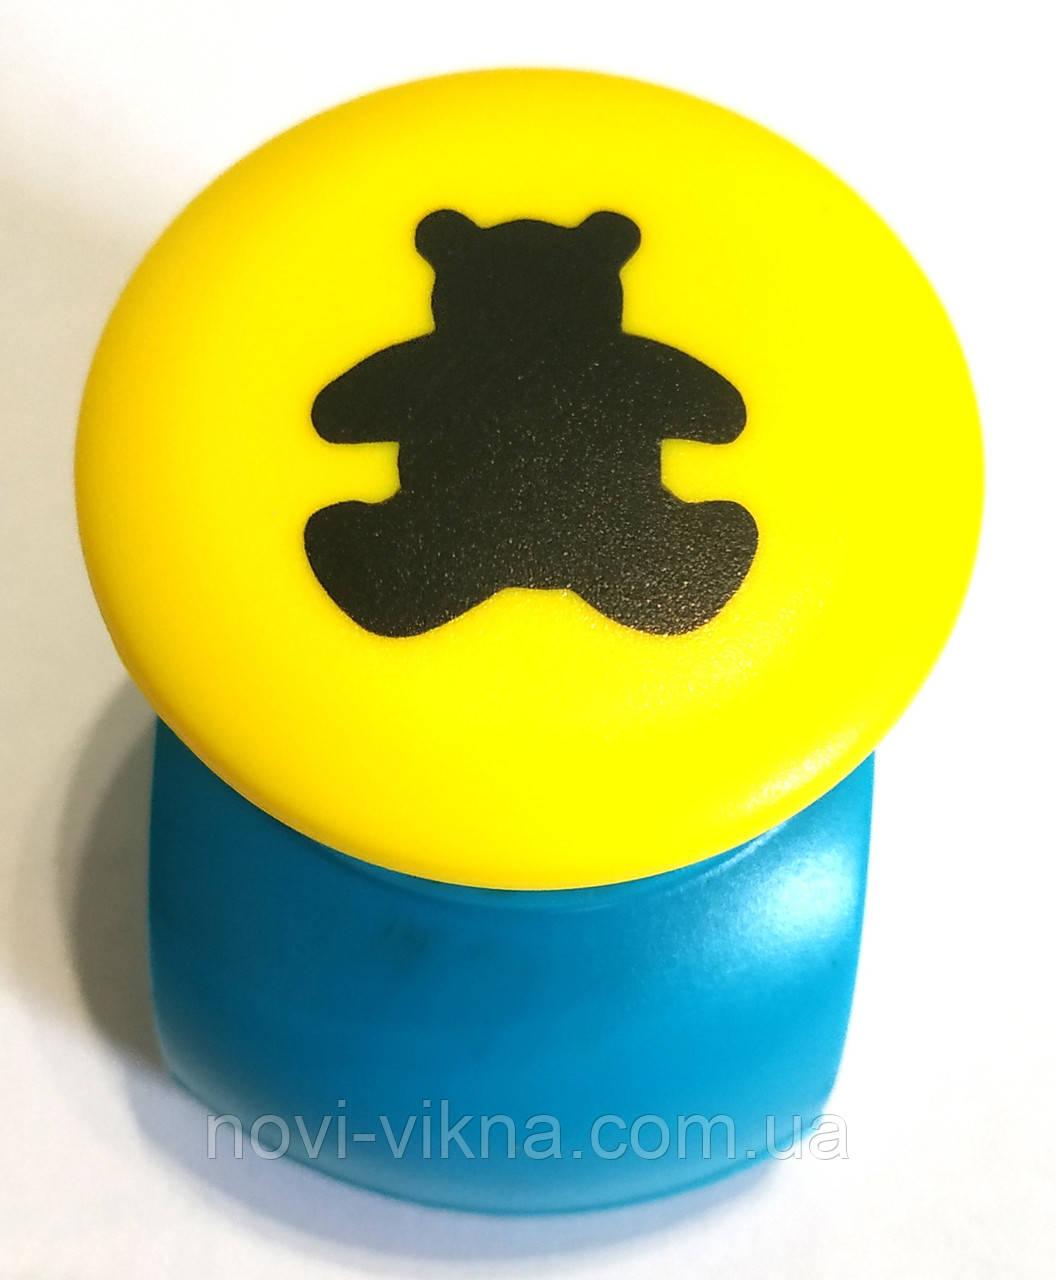 Дырокол фигурный для детского творчества JF-823С, мишка.